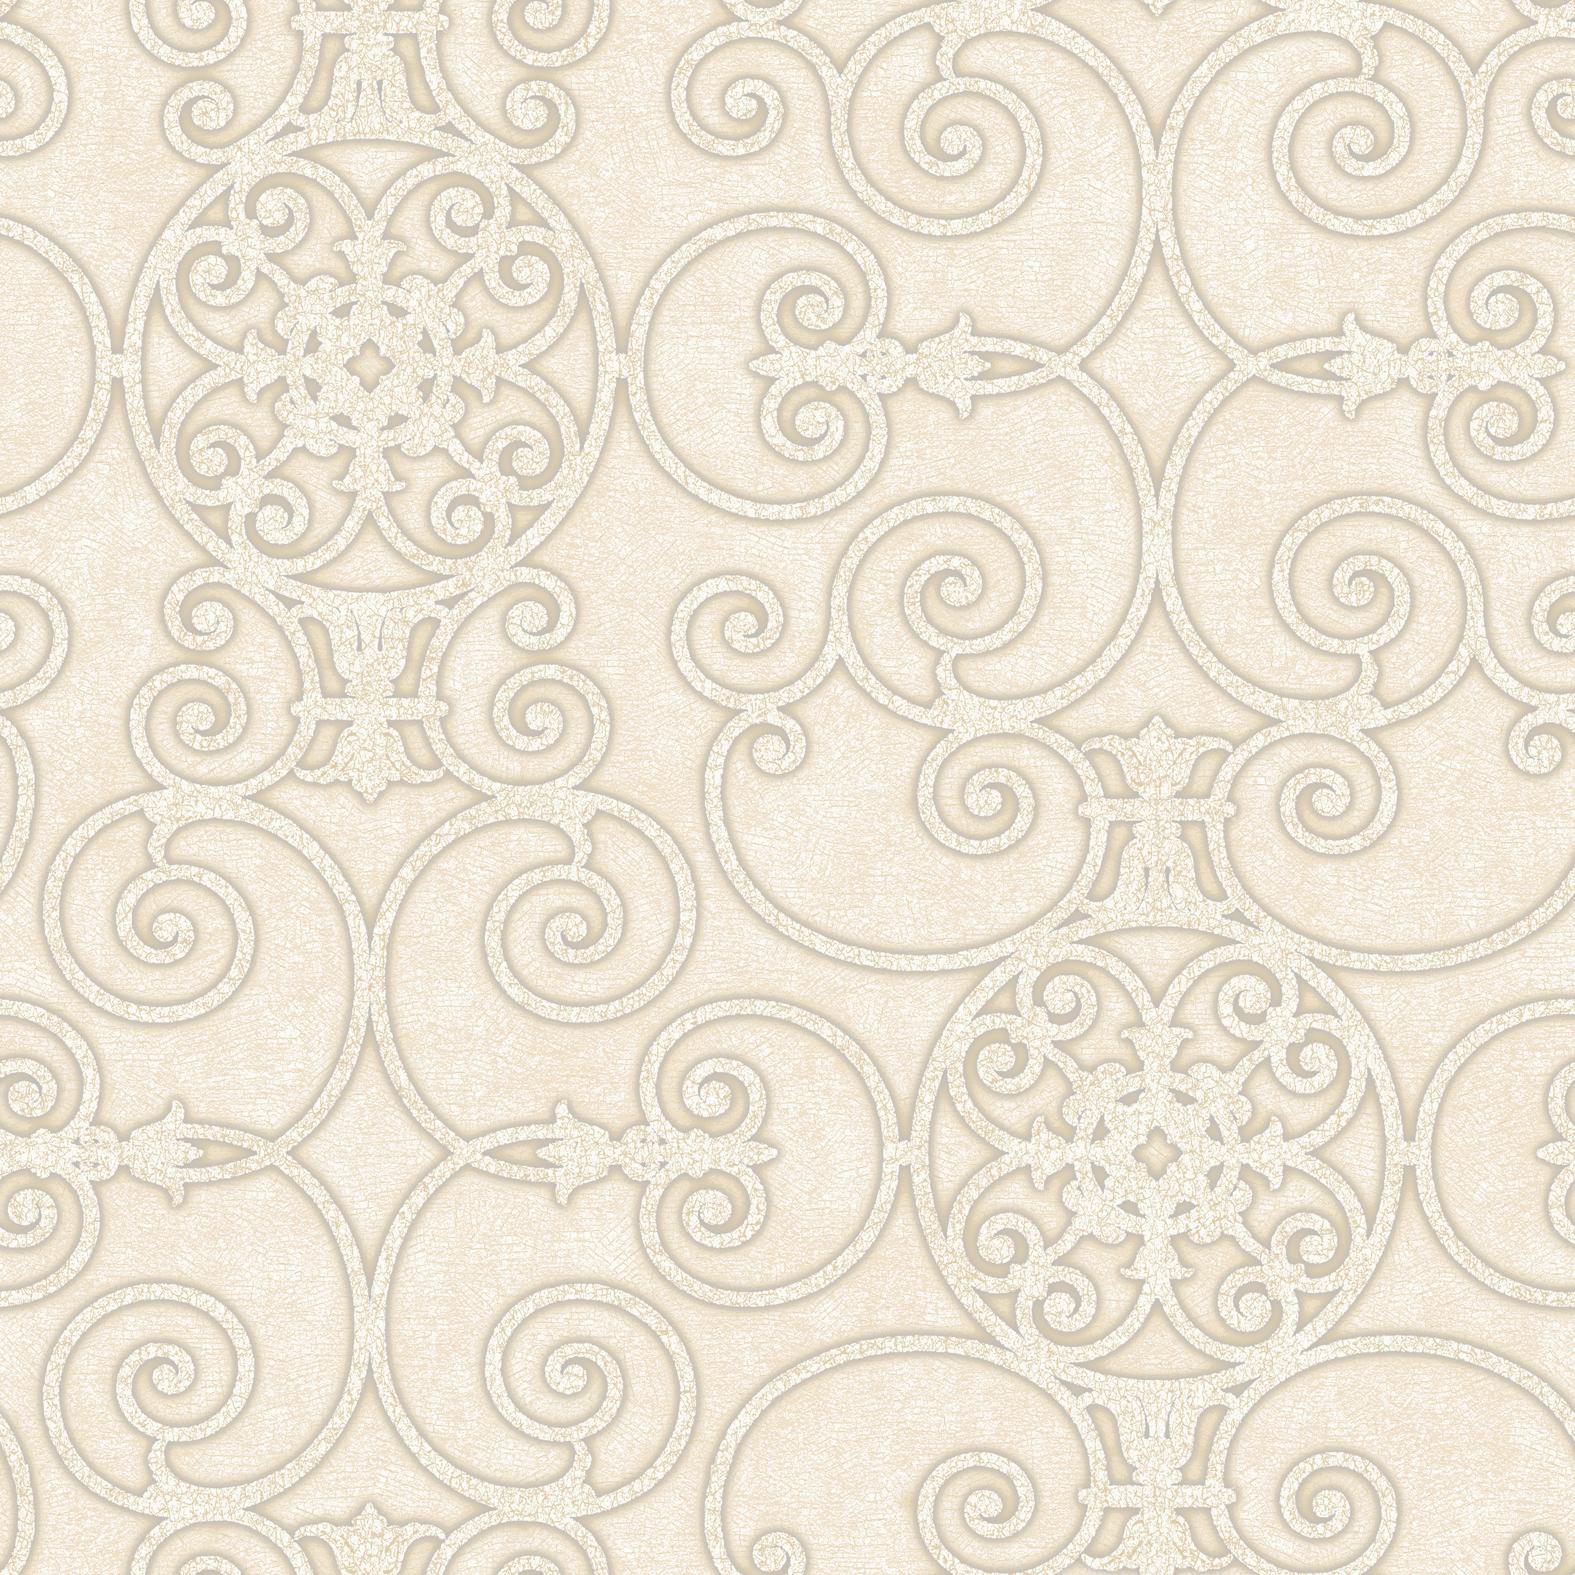 Picture of Belleek Ironwork Cream Wallpaper